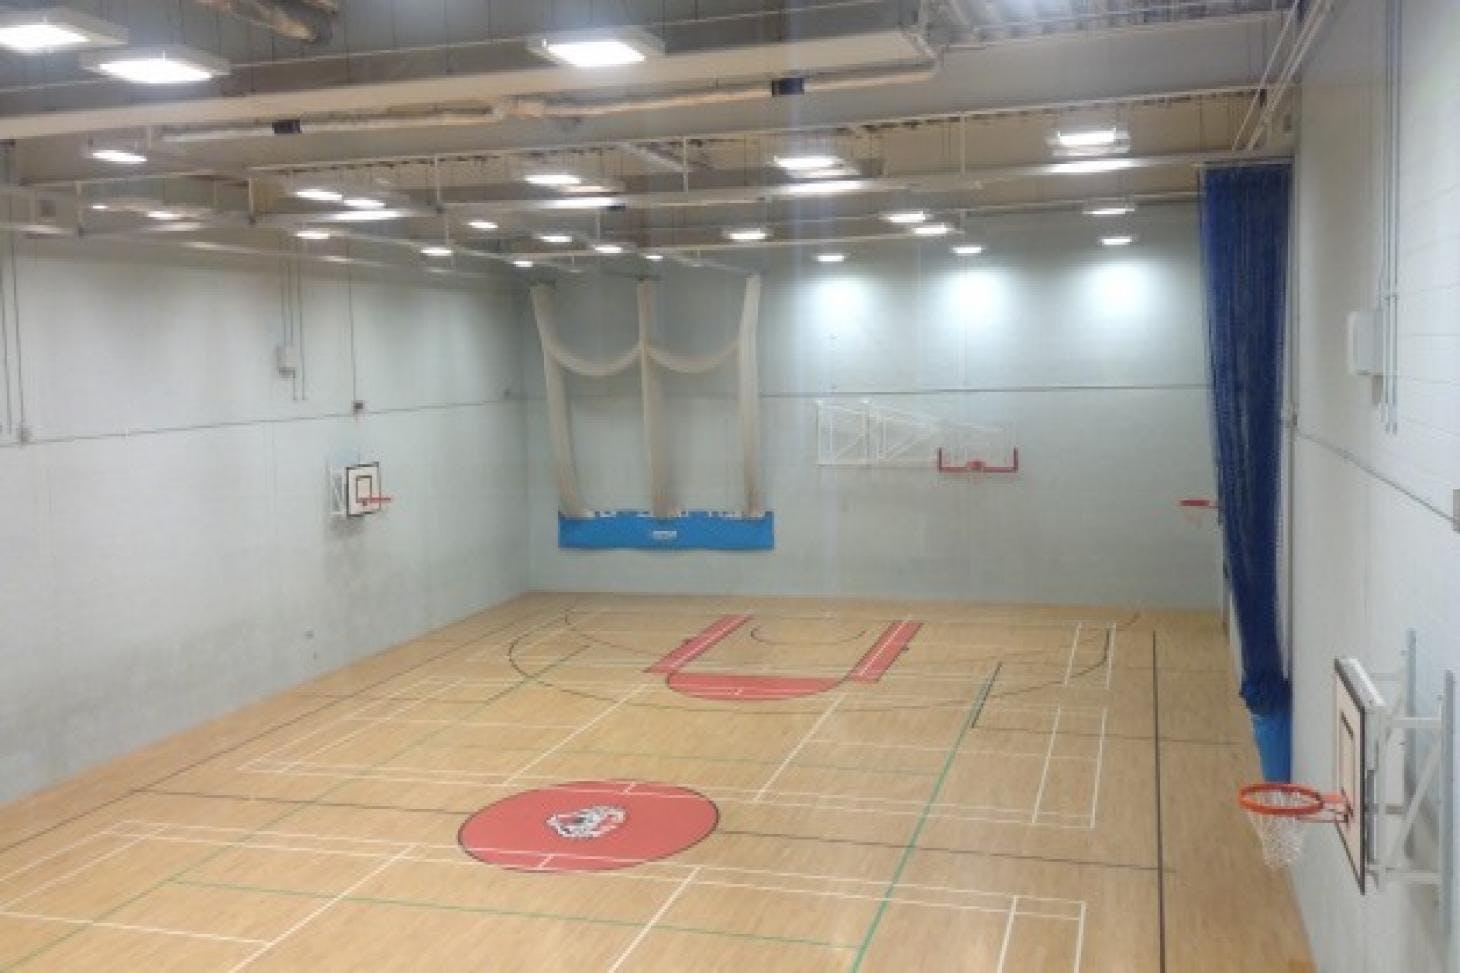 Northfleet Technology College Indoor netball court